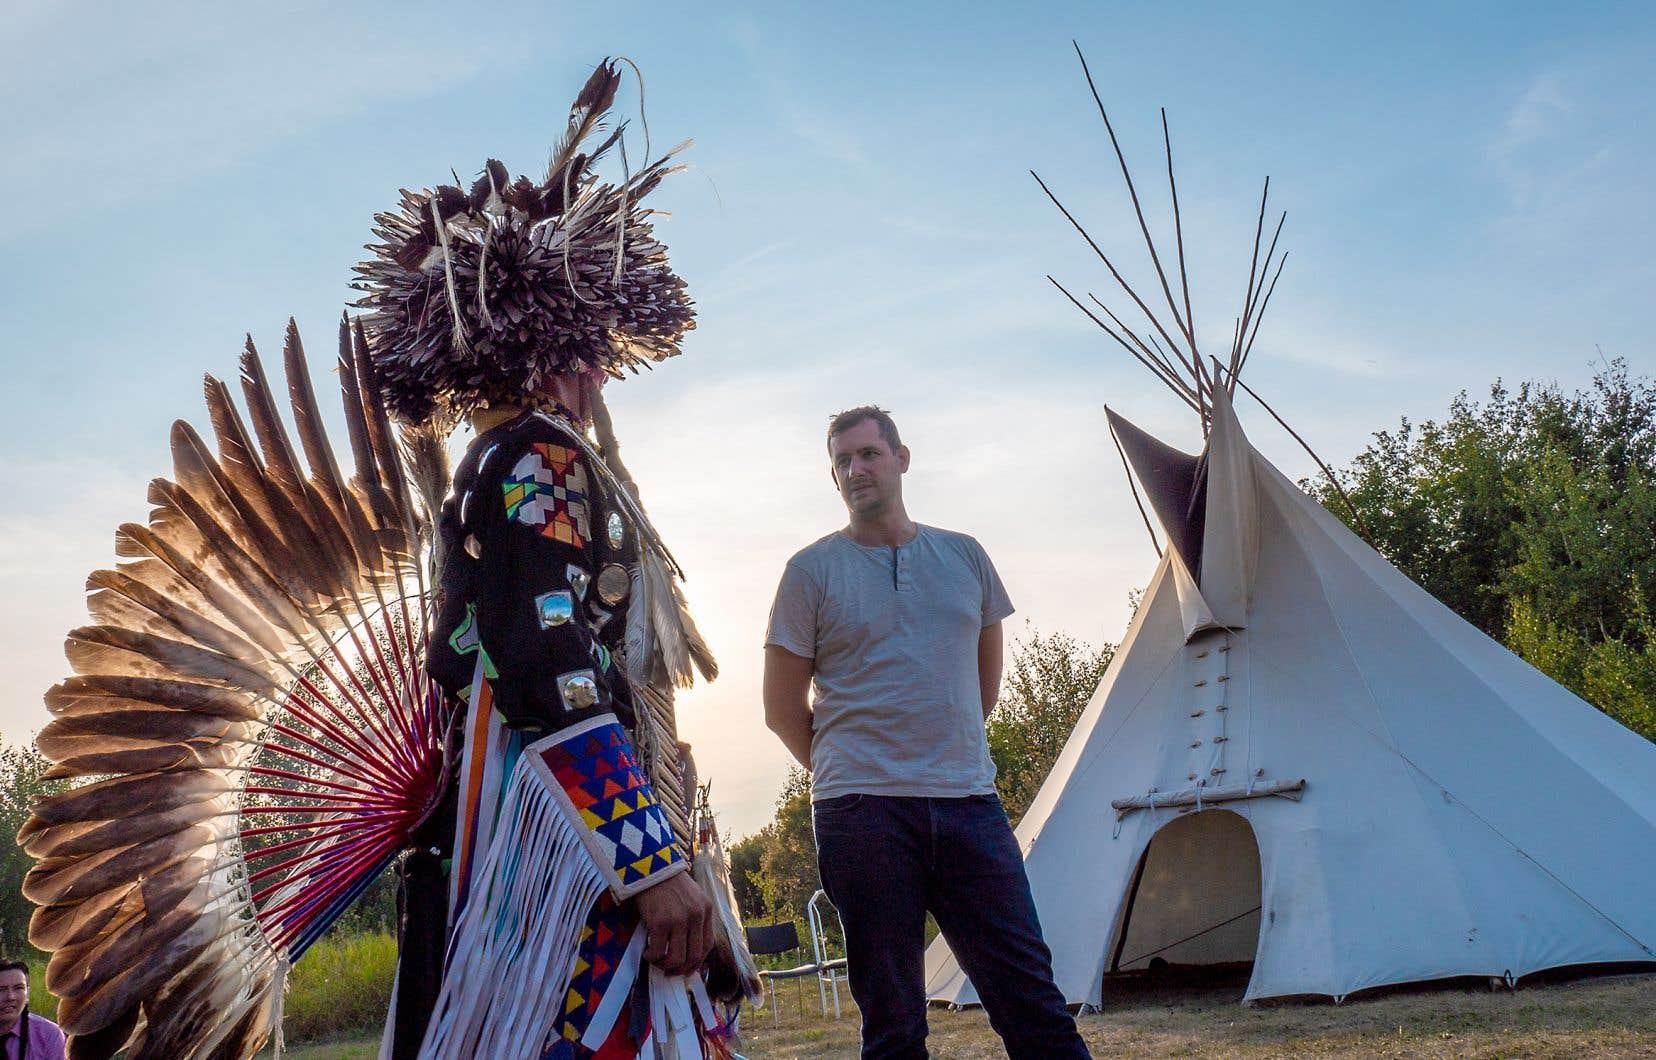 Dans l'émission de téléréalité «First Contact», dont une version en français verra bientôt le jour, six Canadiens entretenant des préjugés défavorables envers les Autochtones sont invités à passer quelques semaines en compagnie de membres des Premiers Peuples.